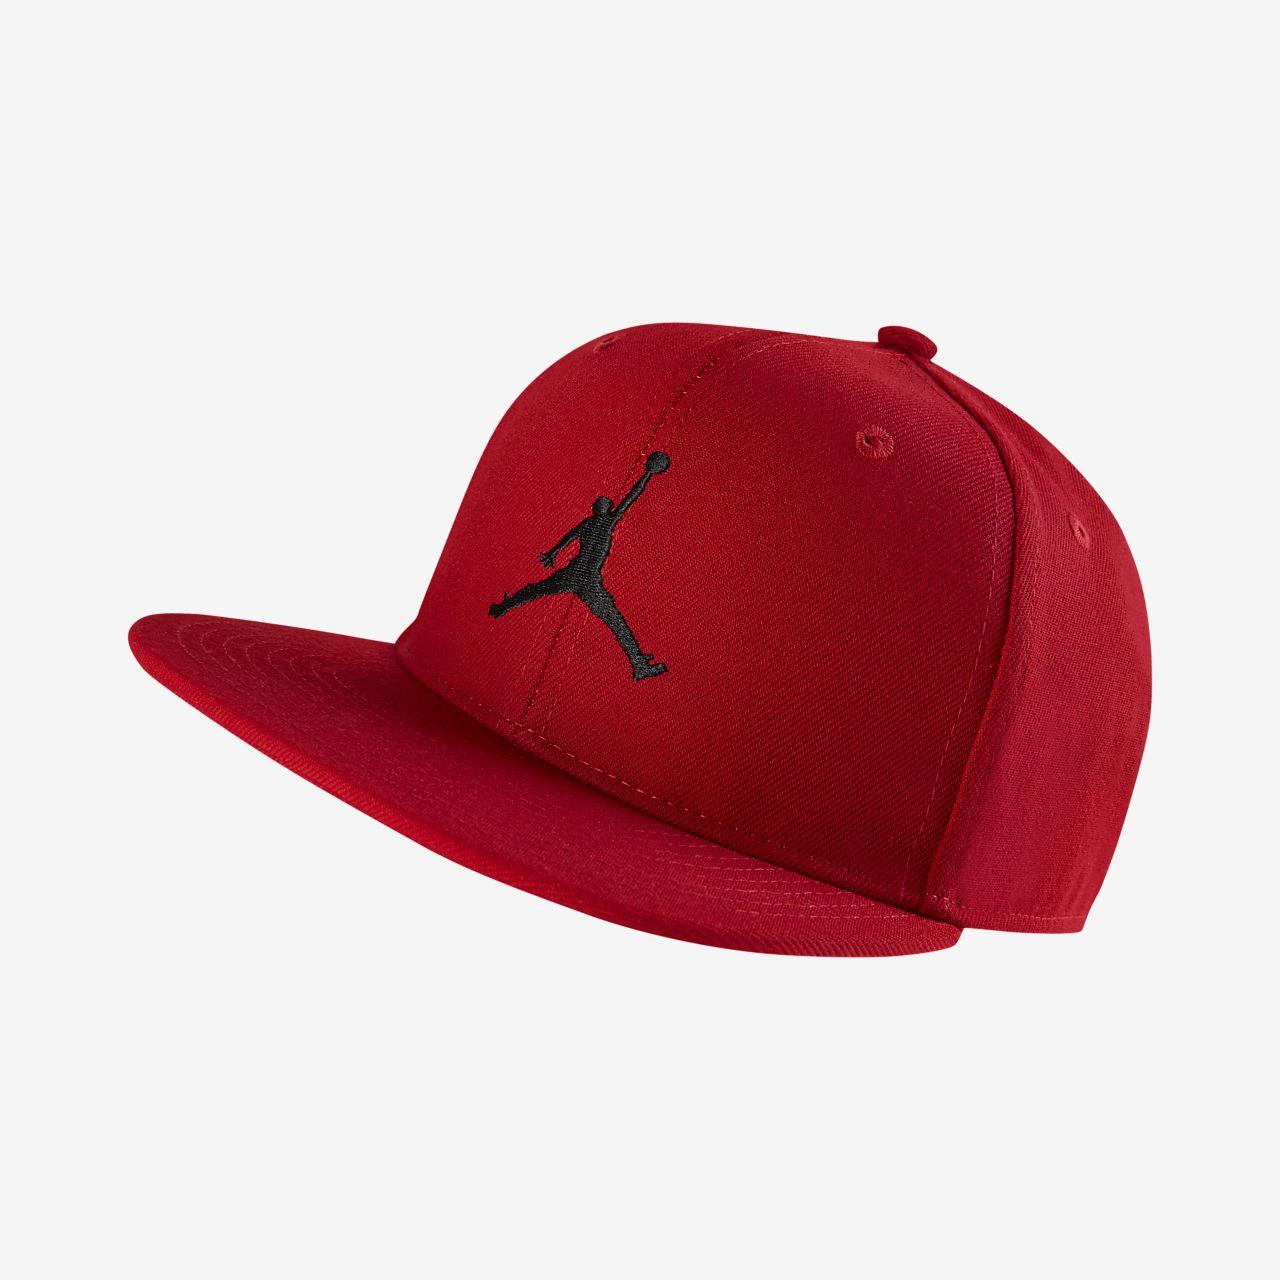 7255c9b549f Nastavitelná dětská kšiltovka Jordan Jumpman. Nike.com CZ